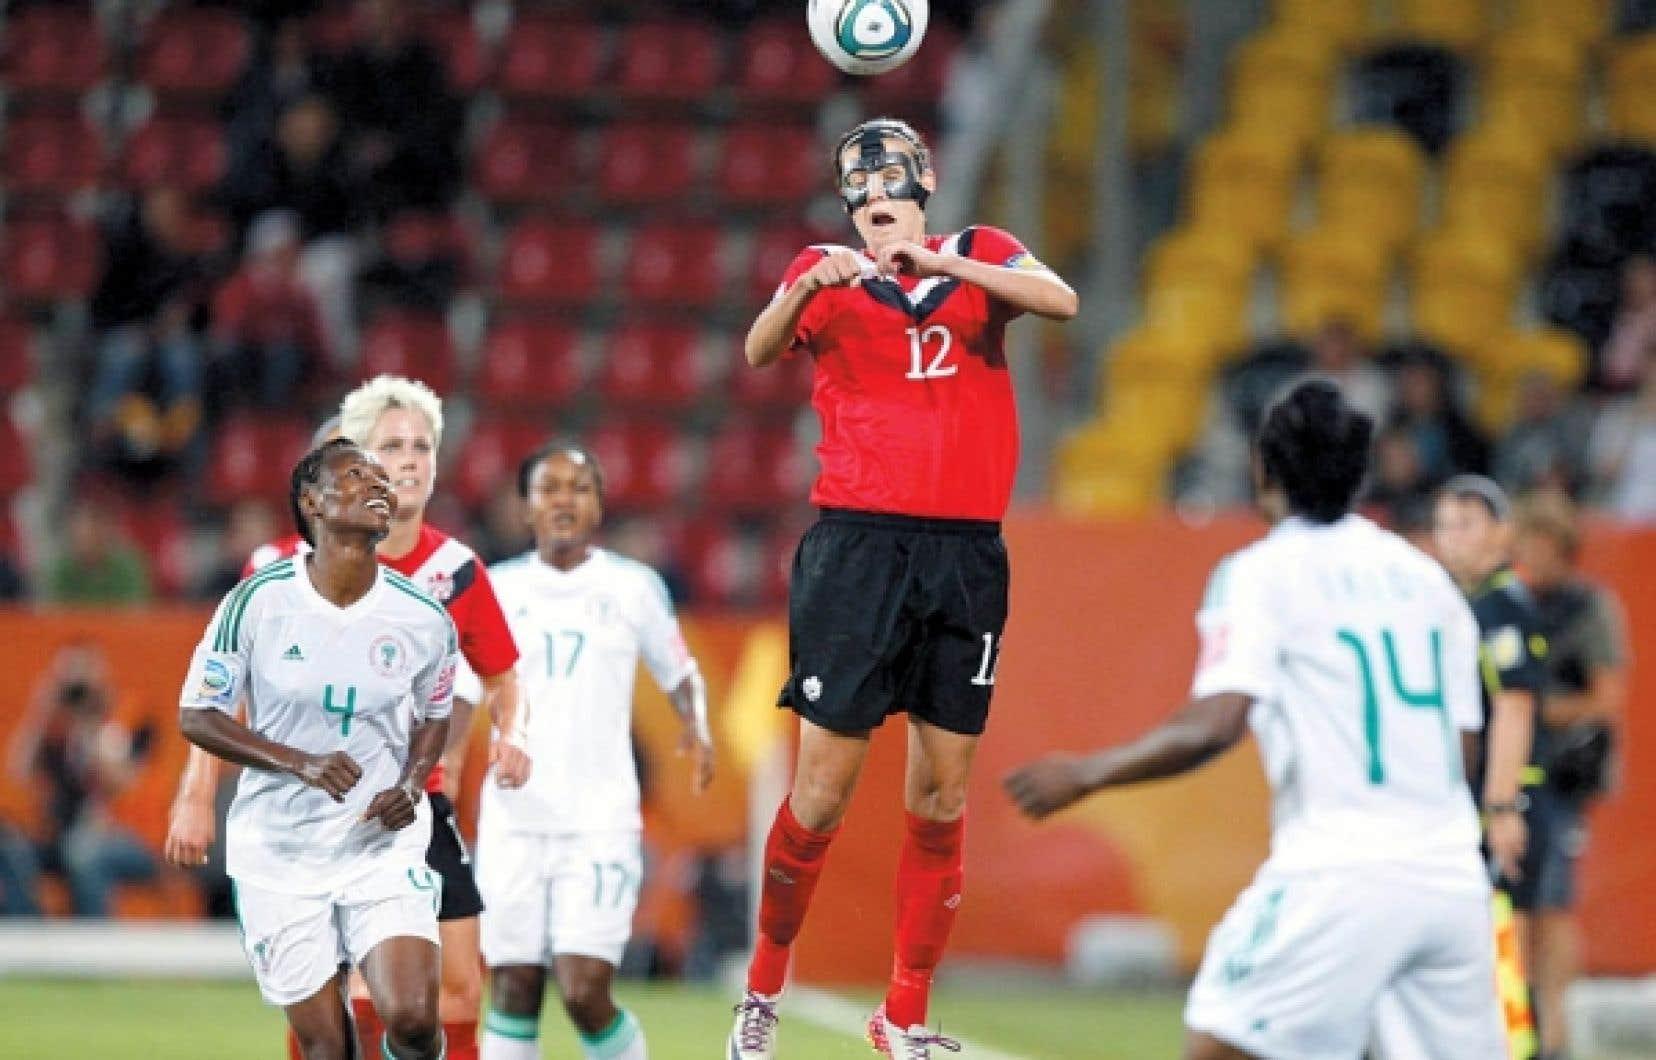 Malgré une fracture du nez, la capitaine de l'équipe canadienne Christine Sinclair a pu jouer hier avec un masque protecteur.<br />